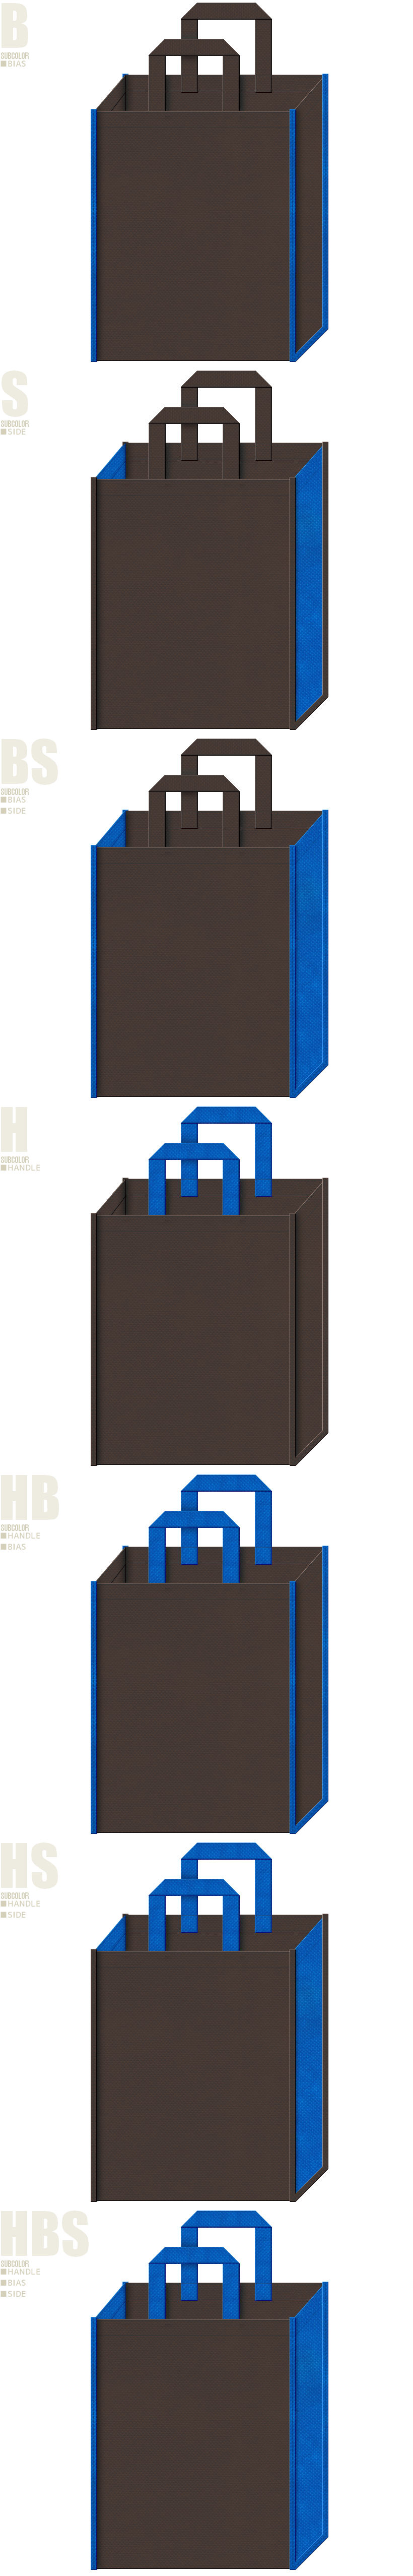 不織布バッグのデザイン:不織布メインカラーNo.40+サブカラーNo.22の2色7パターン